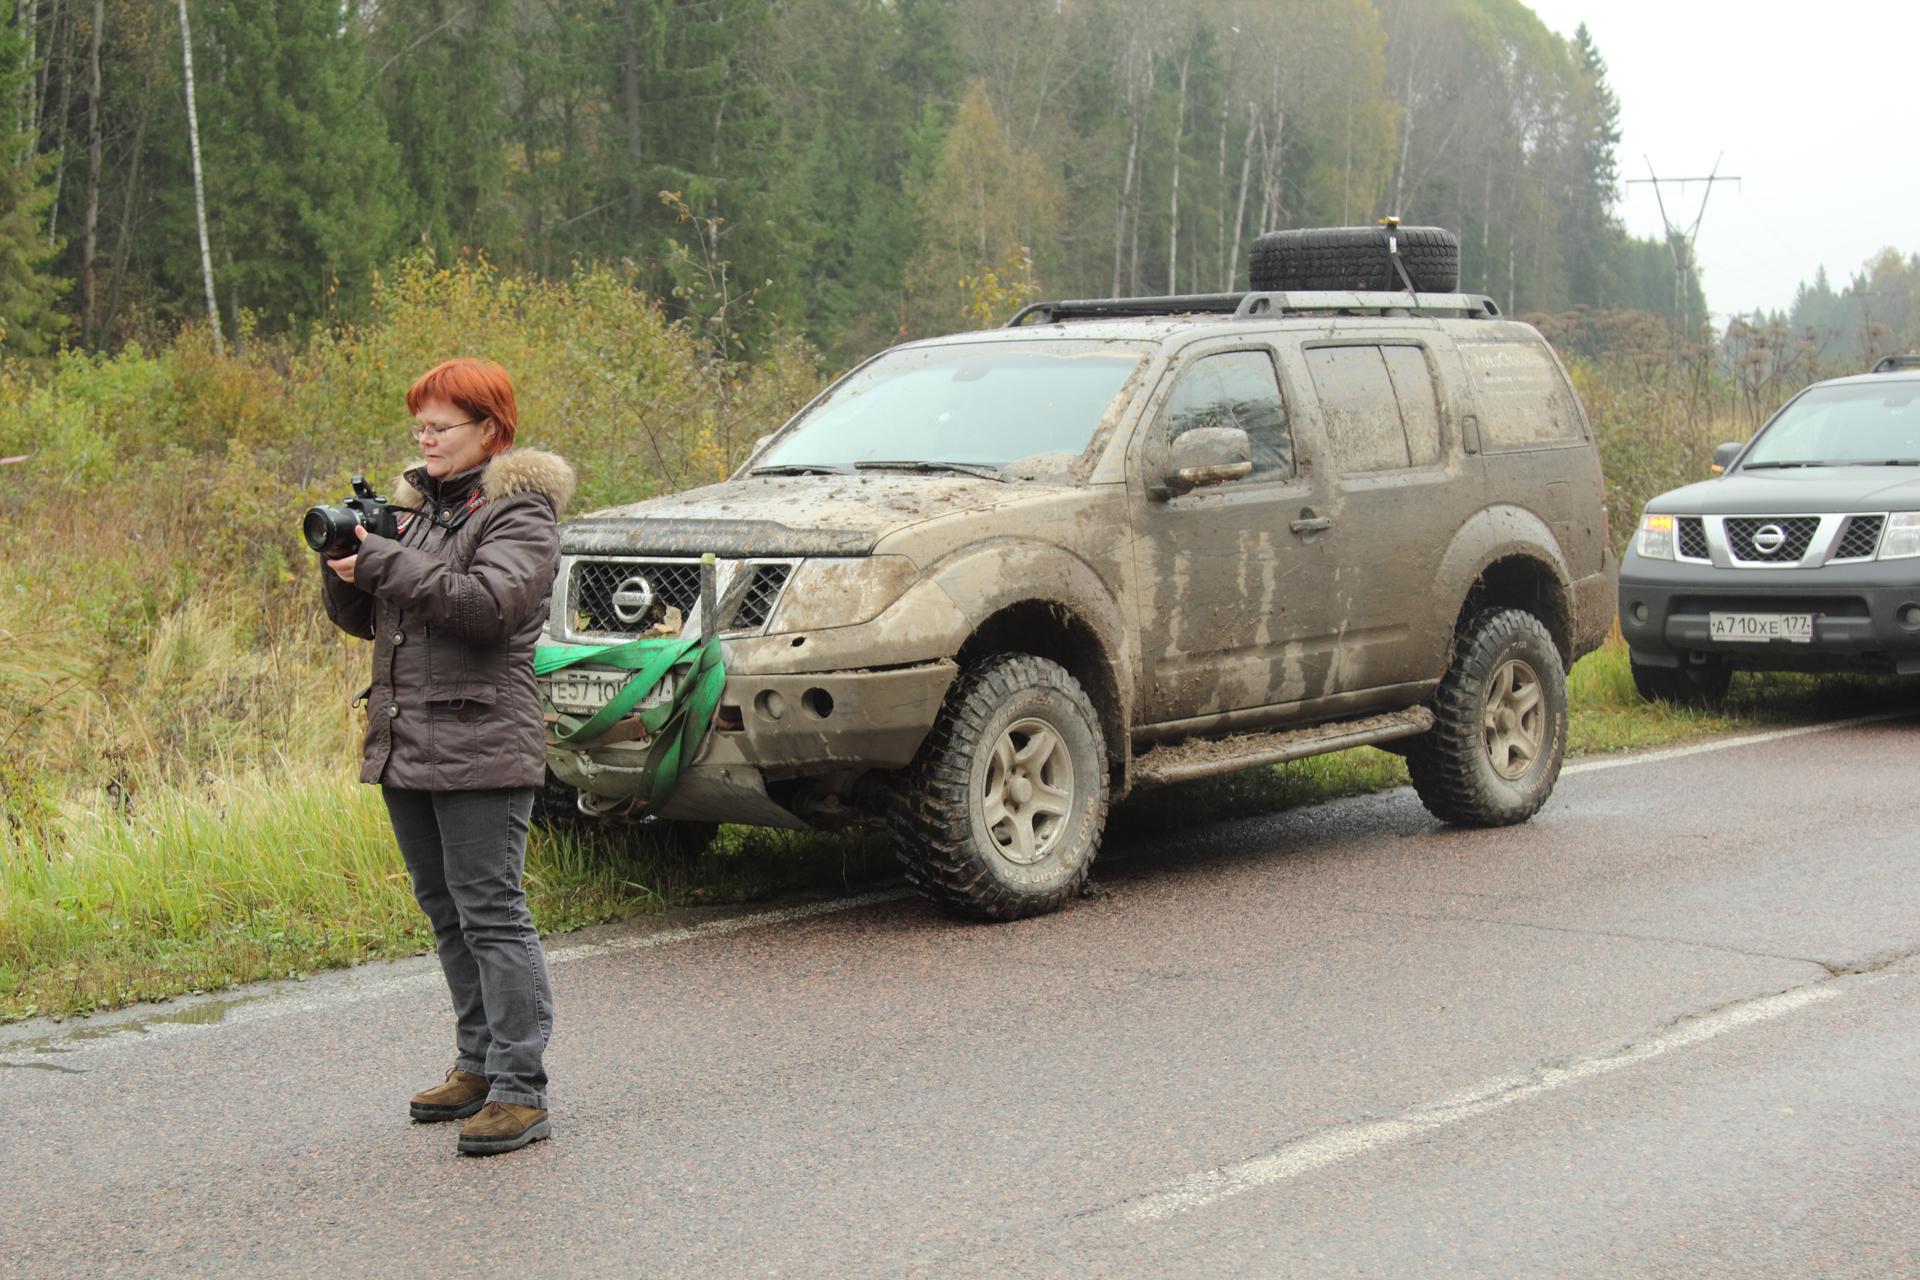 ISEA_autoclubman_575.jpg